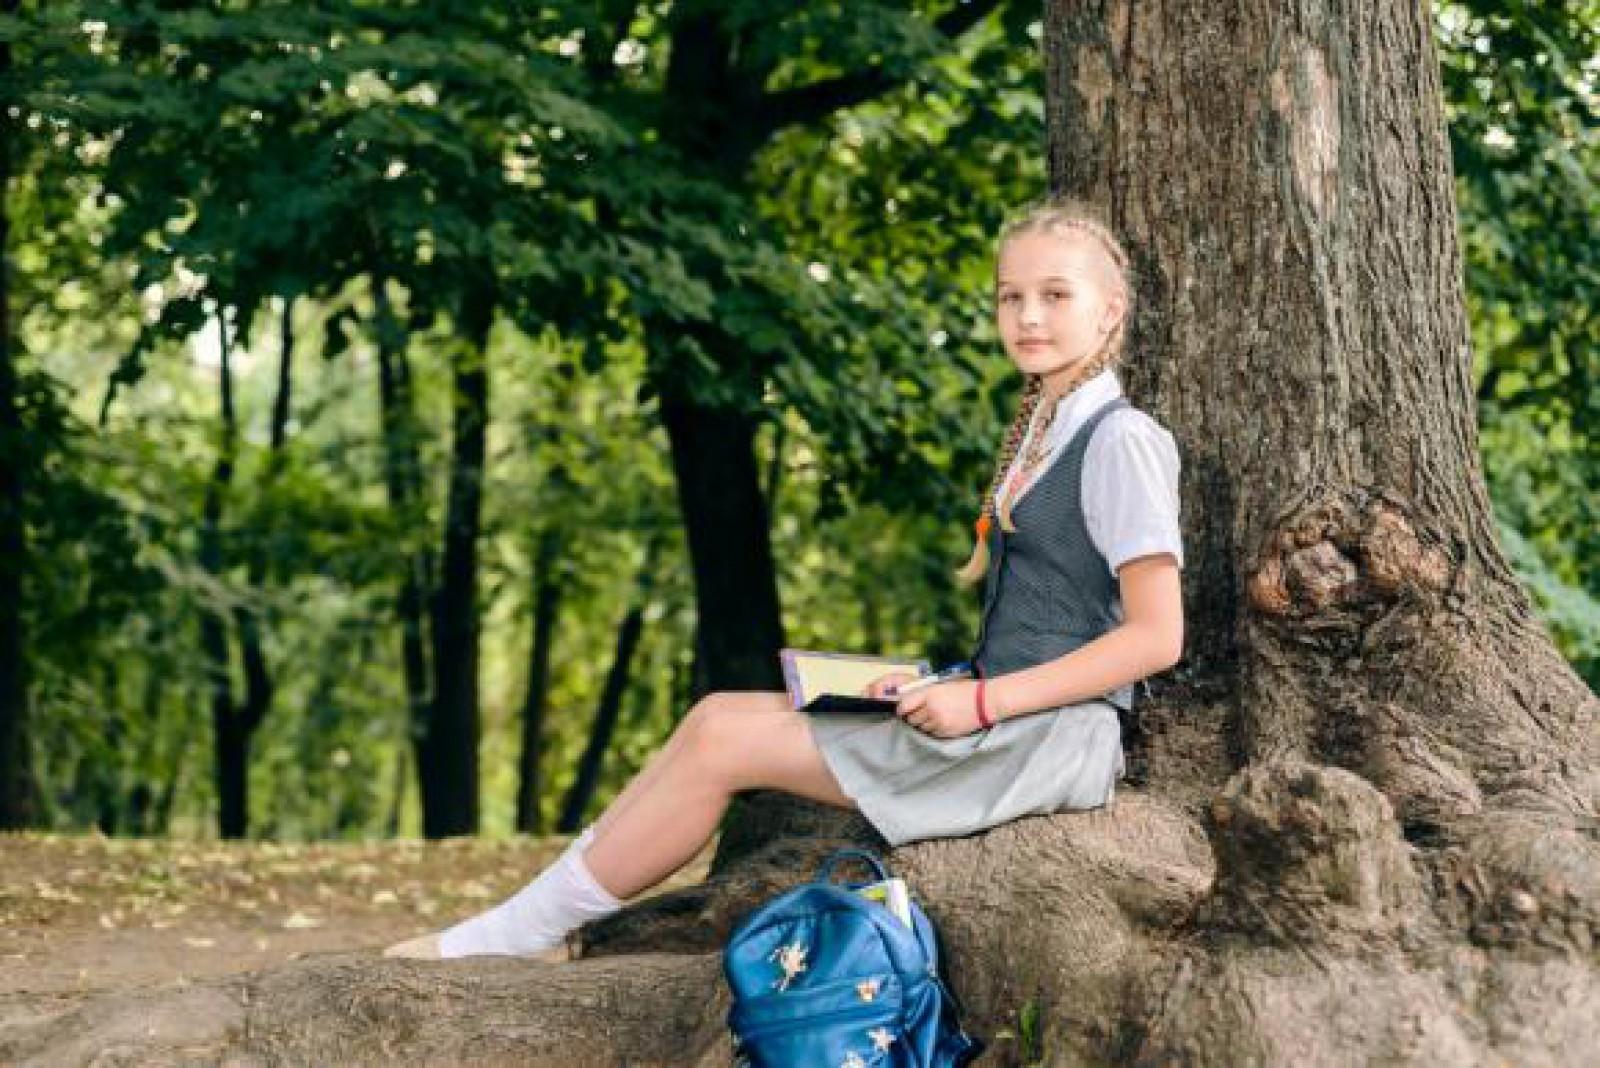 Peste 40 de şcoli din Anglia au interzis purtarea fustelor. Care este motivul